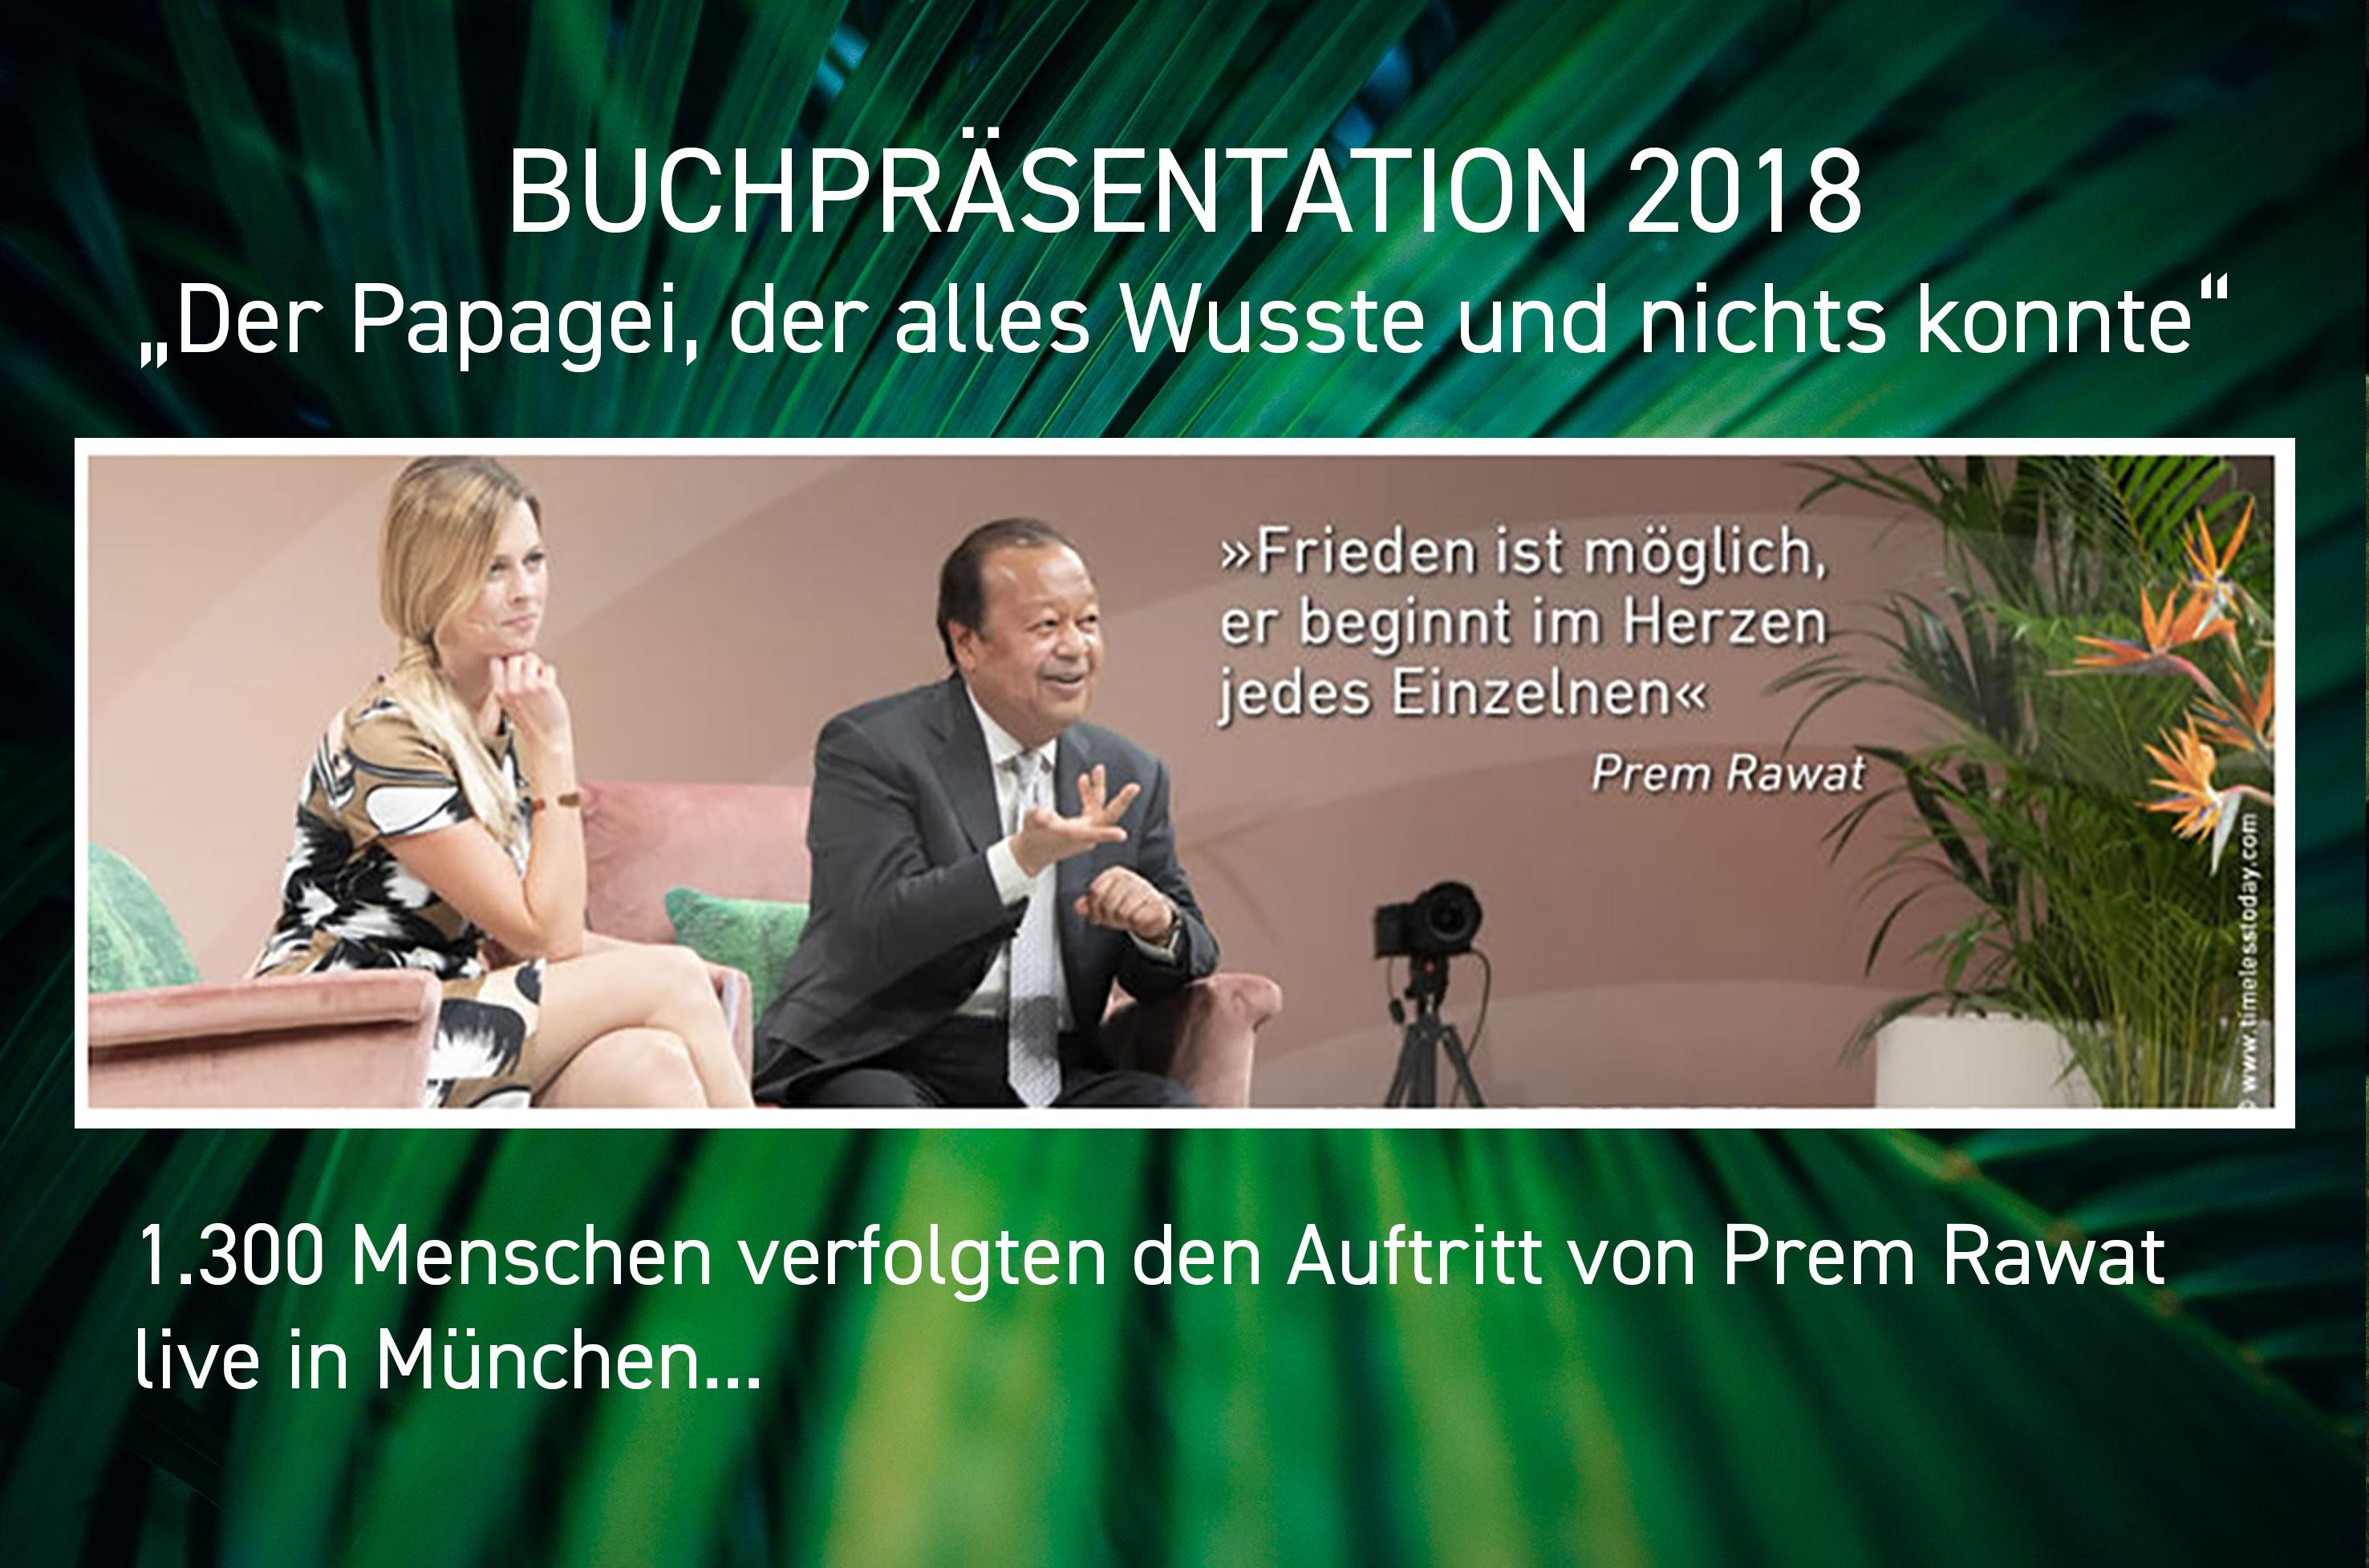 Buchpr